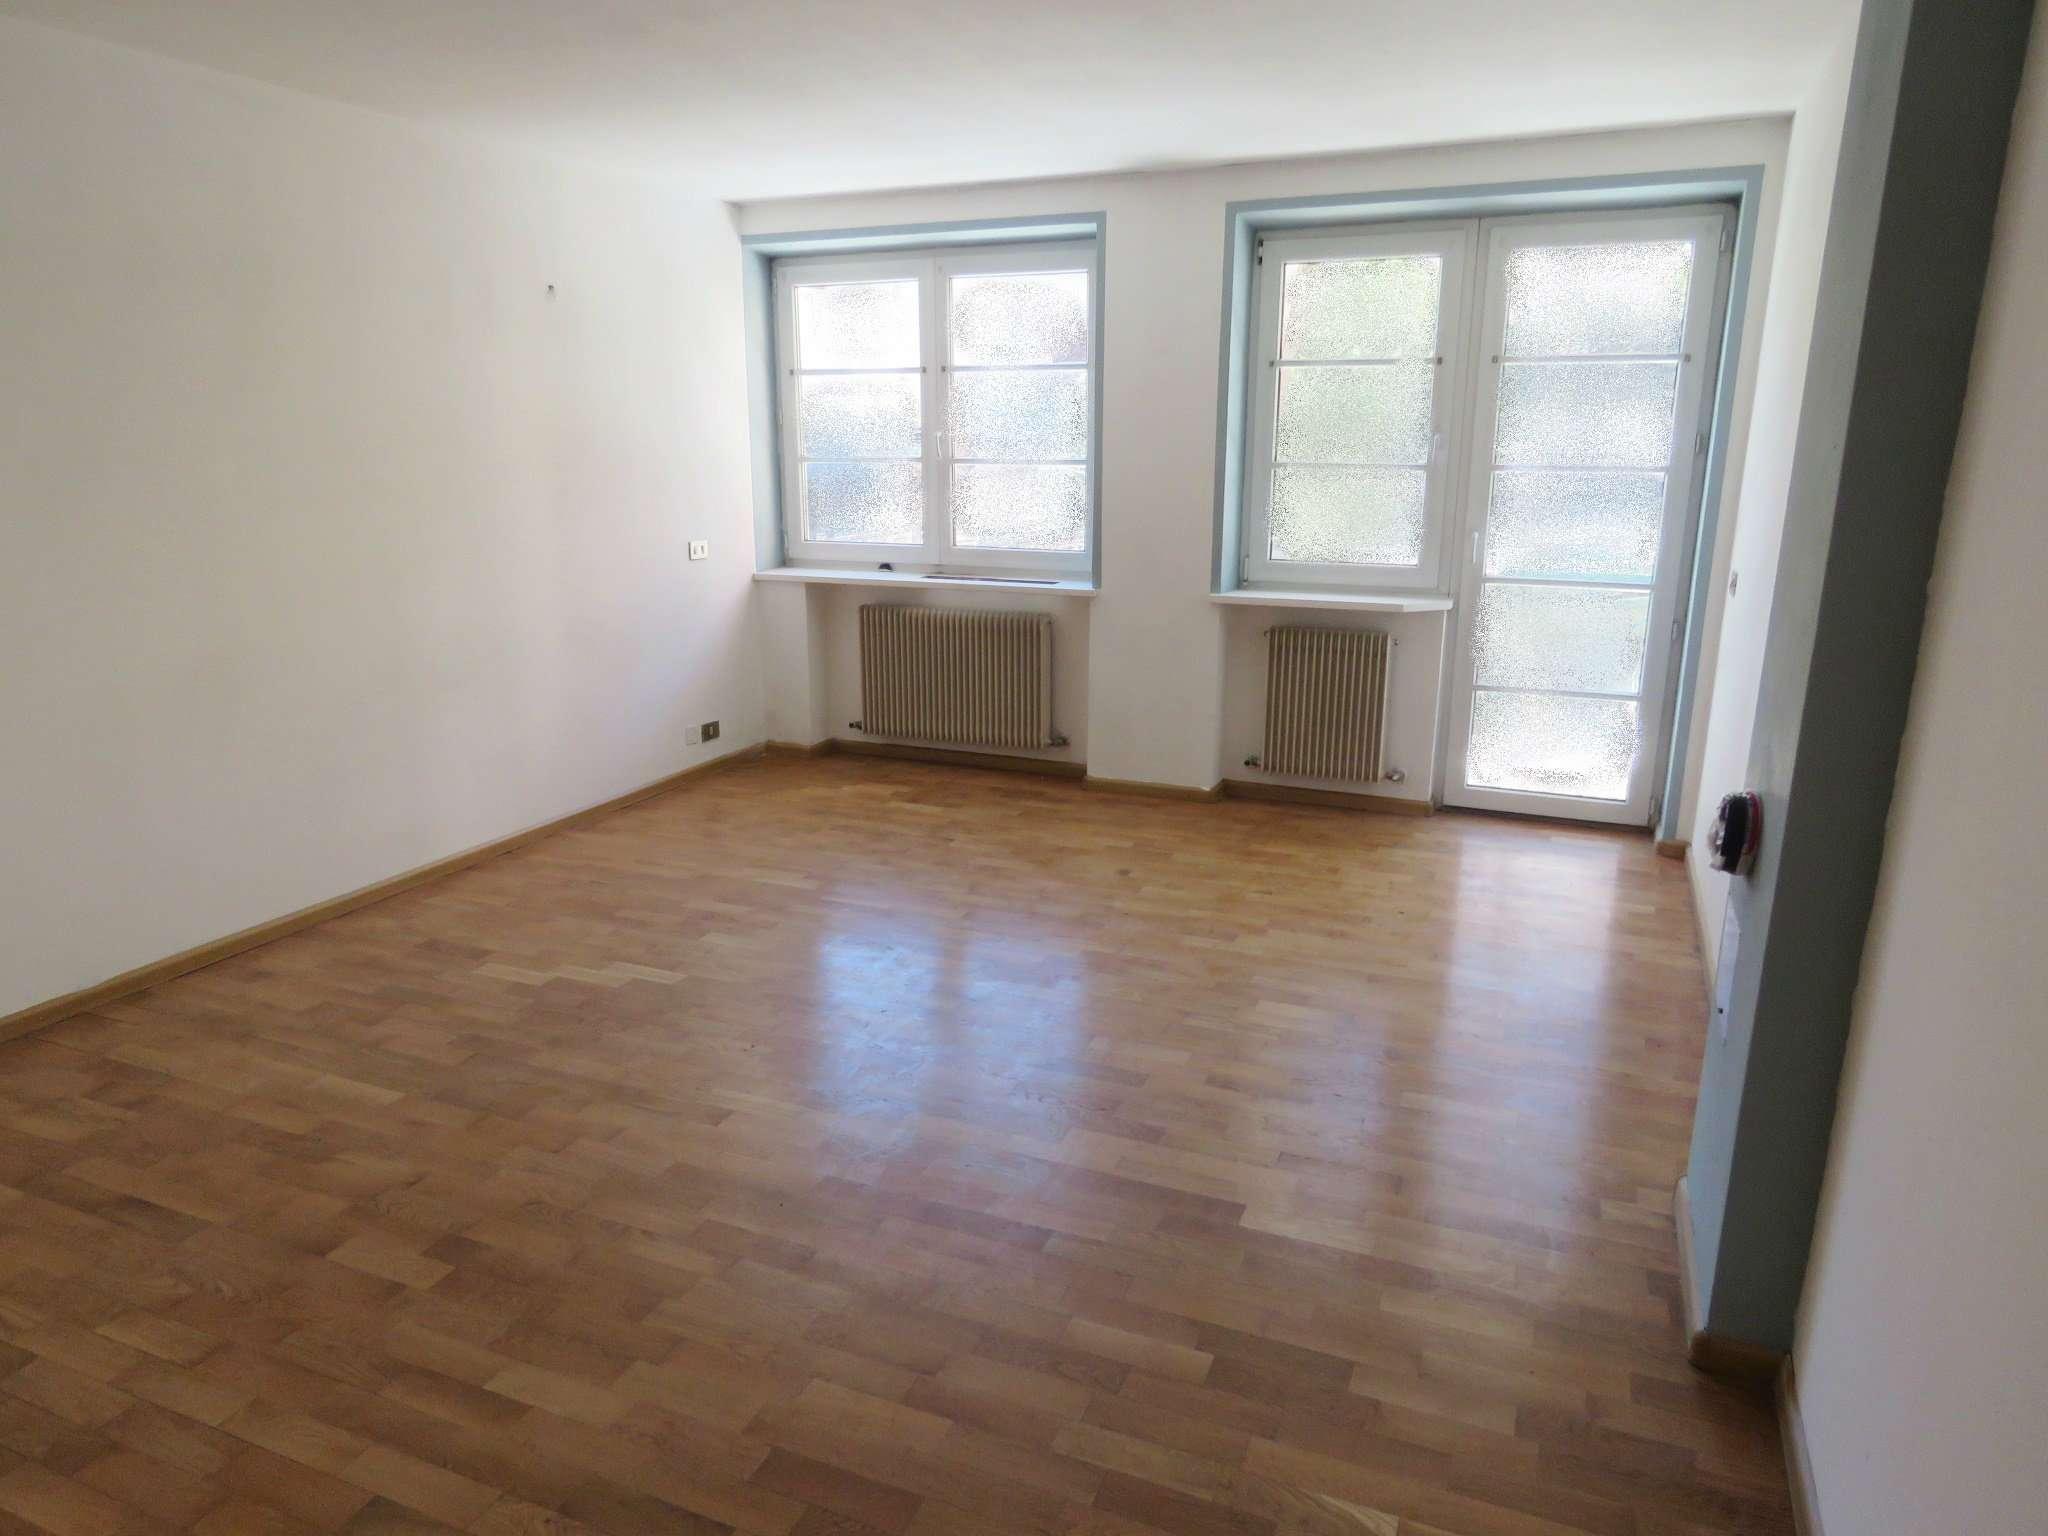 Appartamento in vendita a Santa Cristina Valgardena, 3 locali, prezzo € 510.000 | Cambio Casa.it